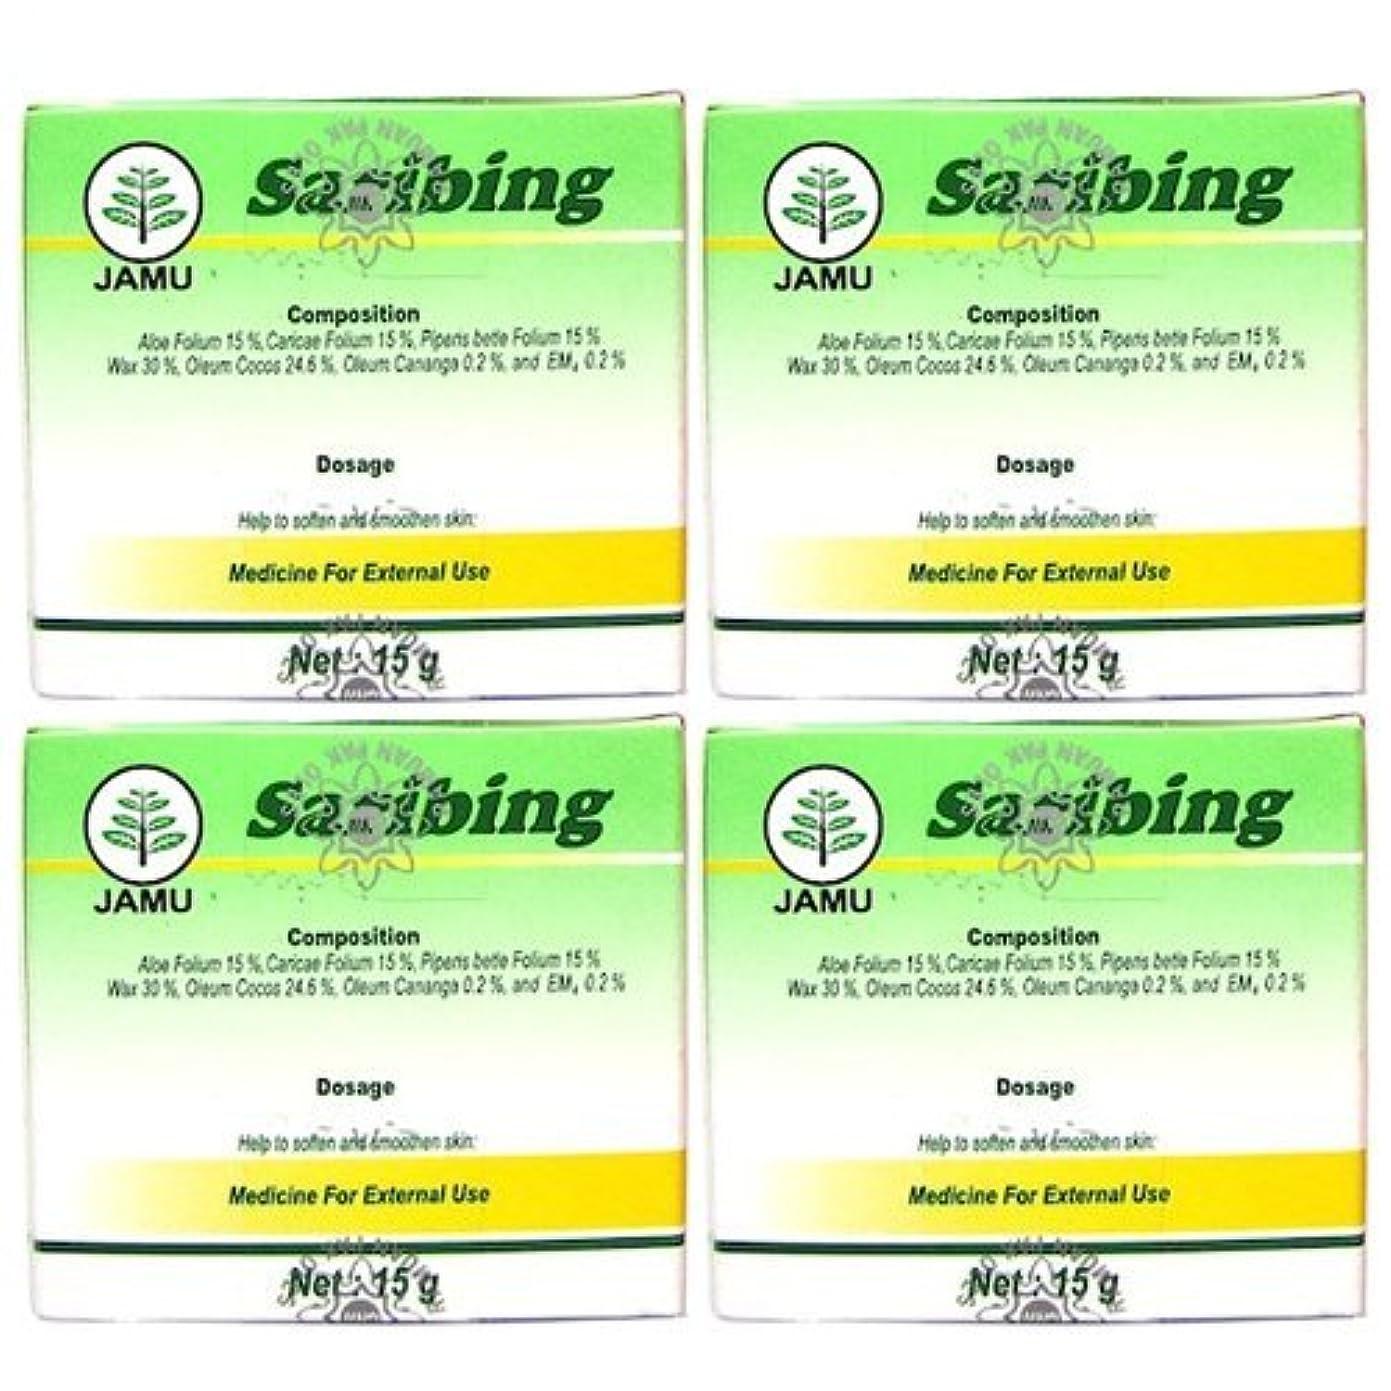 要塞意識花Saribing(サリビン)ビューティー クリーム 15g 4個セット [並行輸入品][海外直送品]